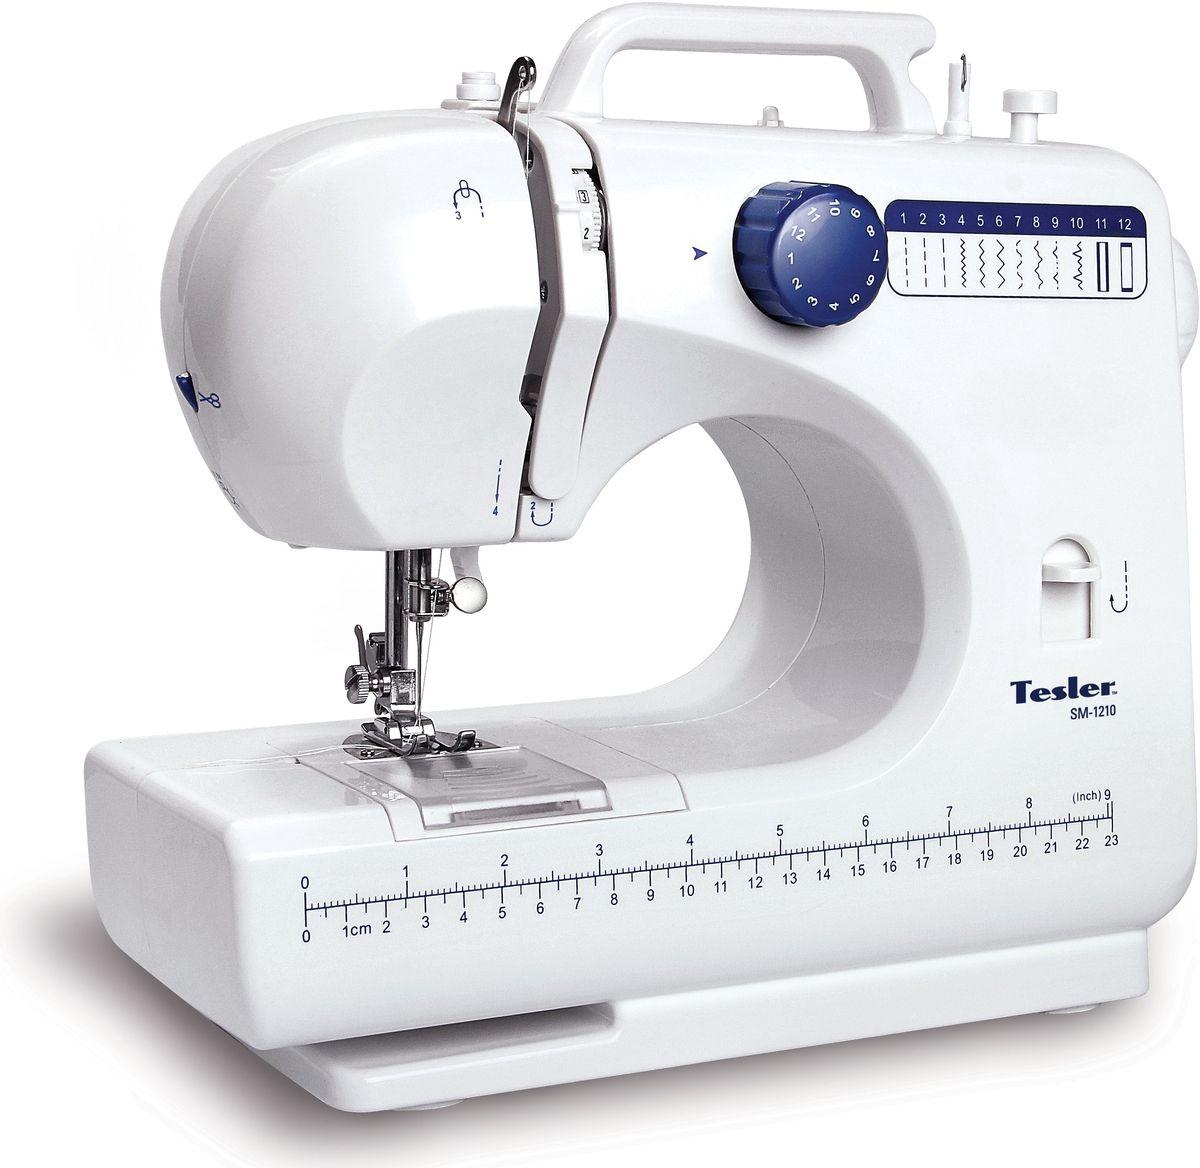 Швейная машина Tesler SM-1210, White швейная машина tesler sm 1210